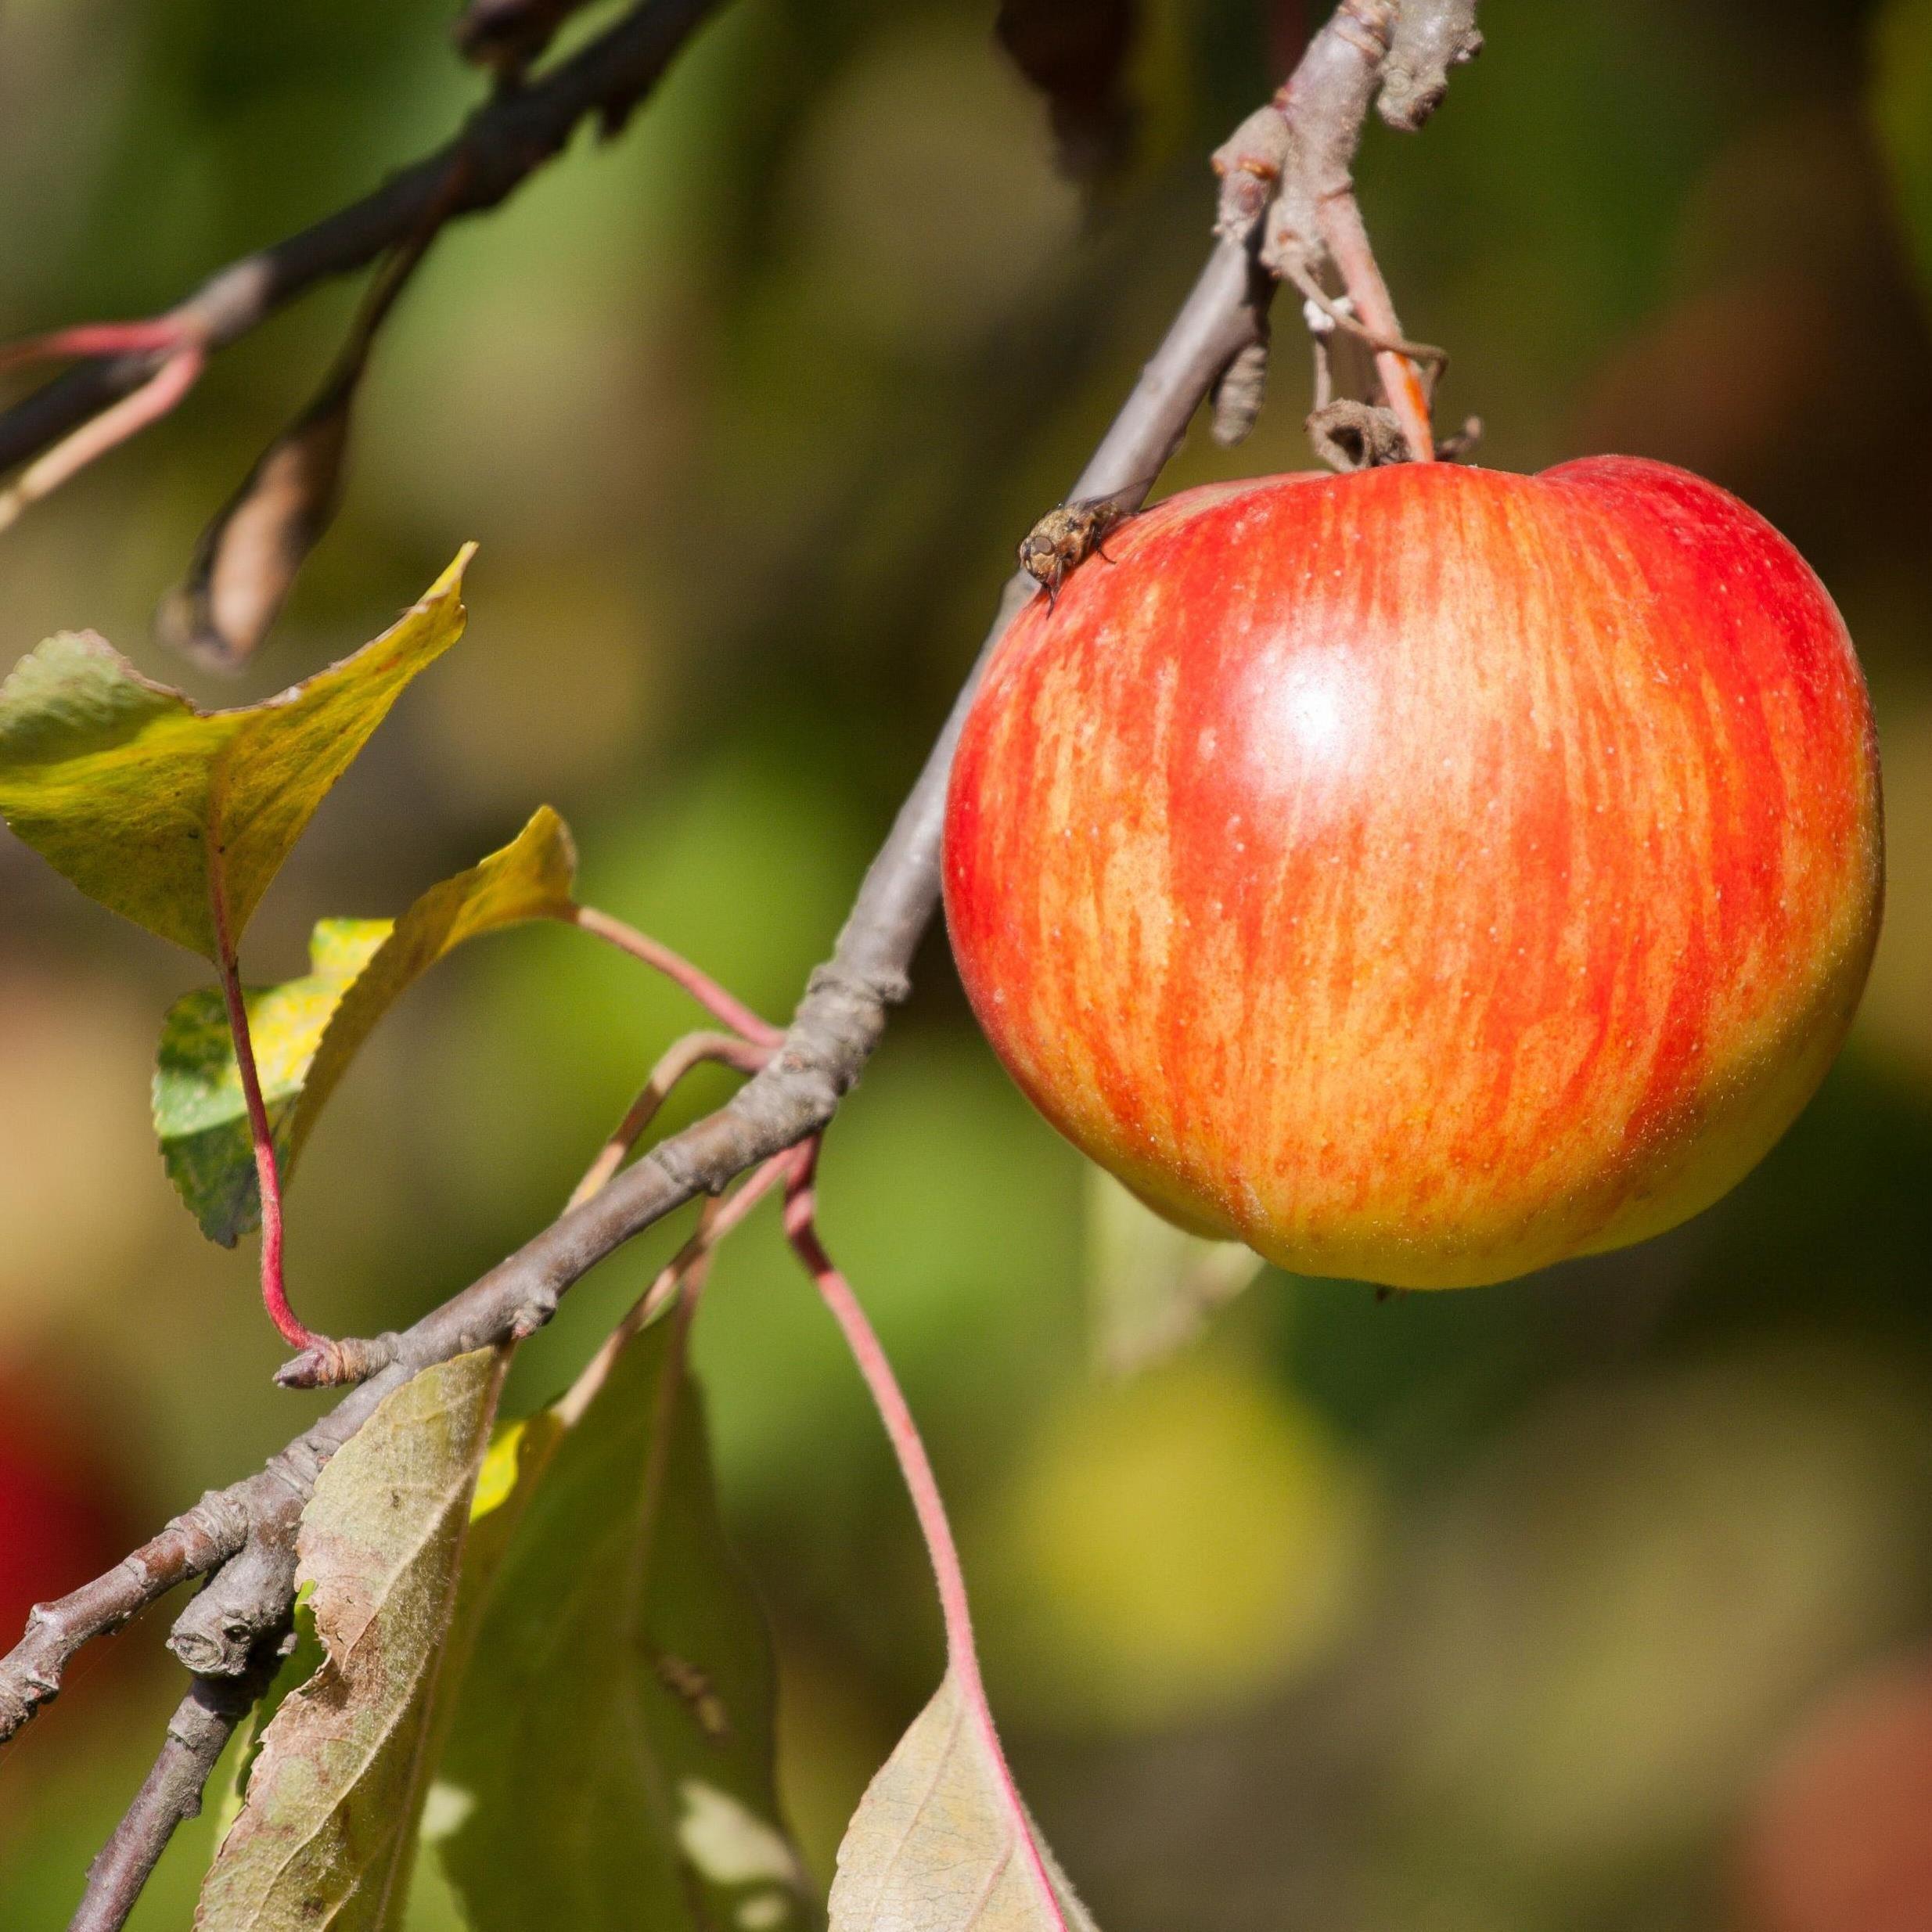 Sång, saga, frukt